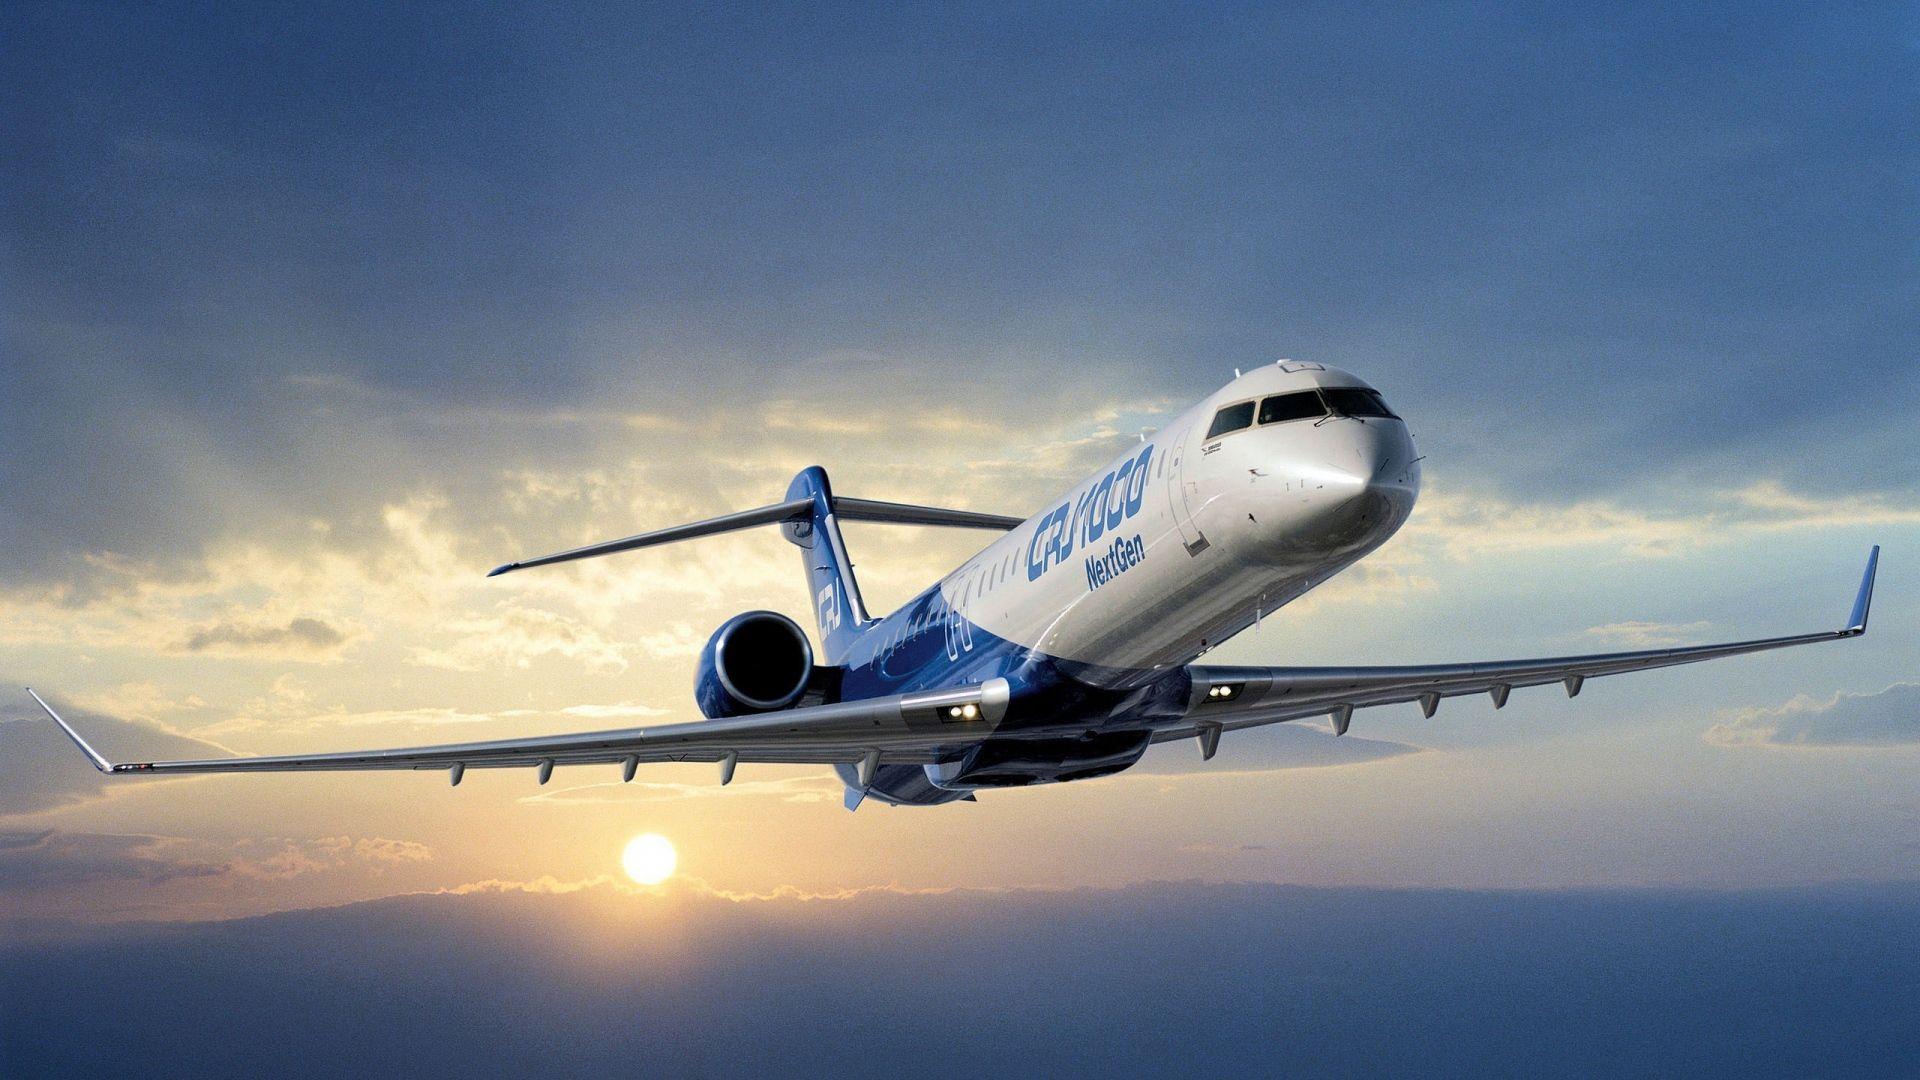 Full Hd 1080p Aircraft Wallpapers Hd Desktop Backgrounds Airplane Wallpaper Aircraft Jet